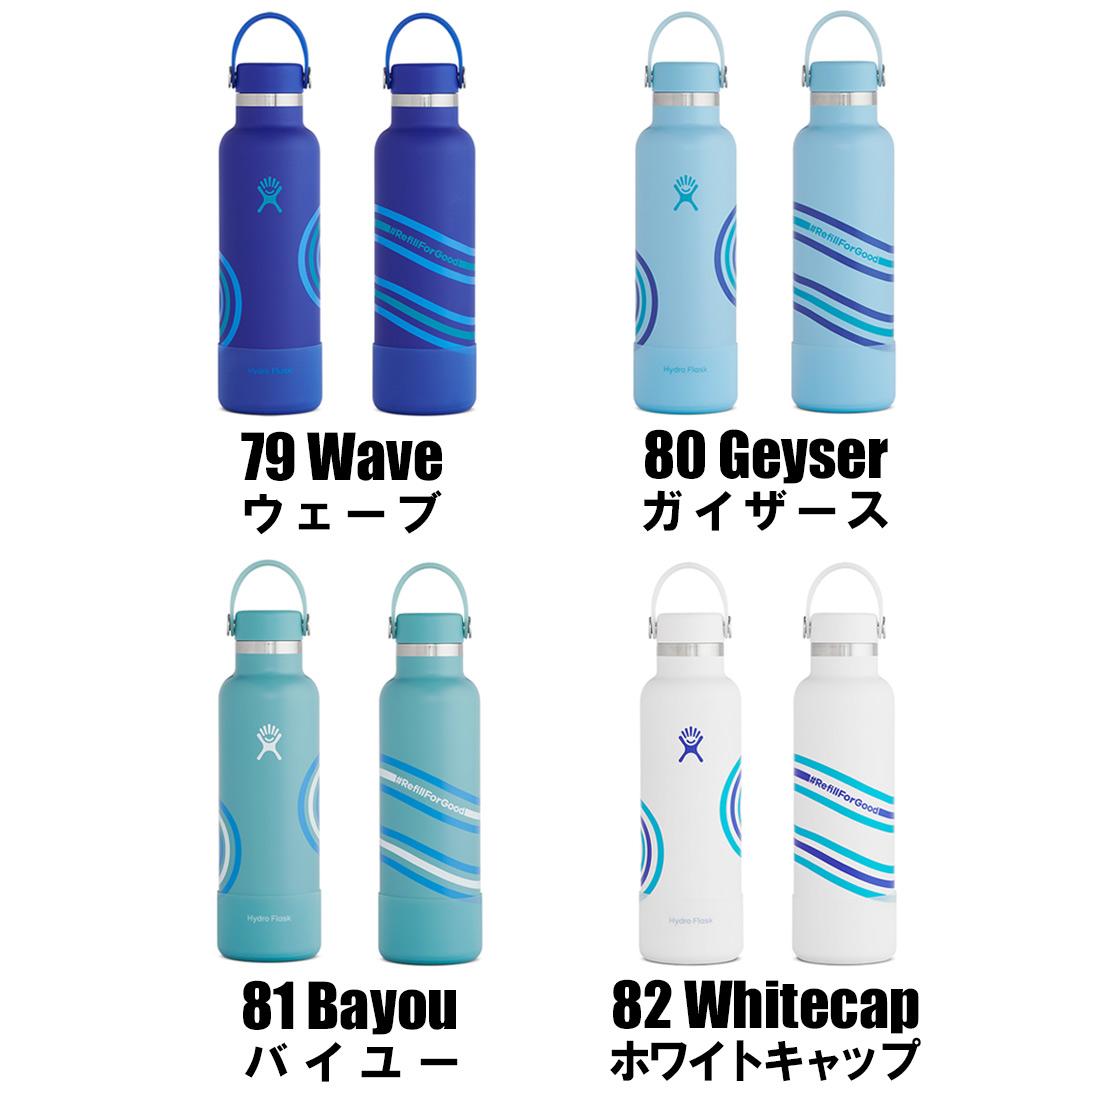 ハイドロフラスク スタンダードマウス 21oz リフィル Refill 保温 保冷 ボトル 水筒  国内正規品